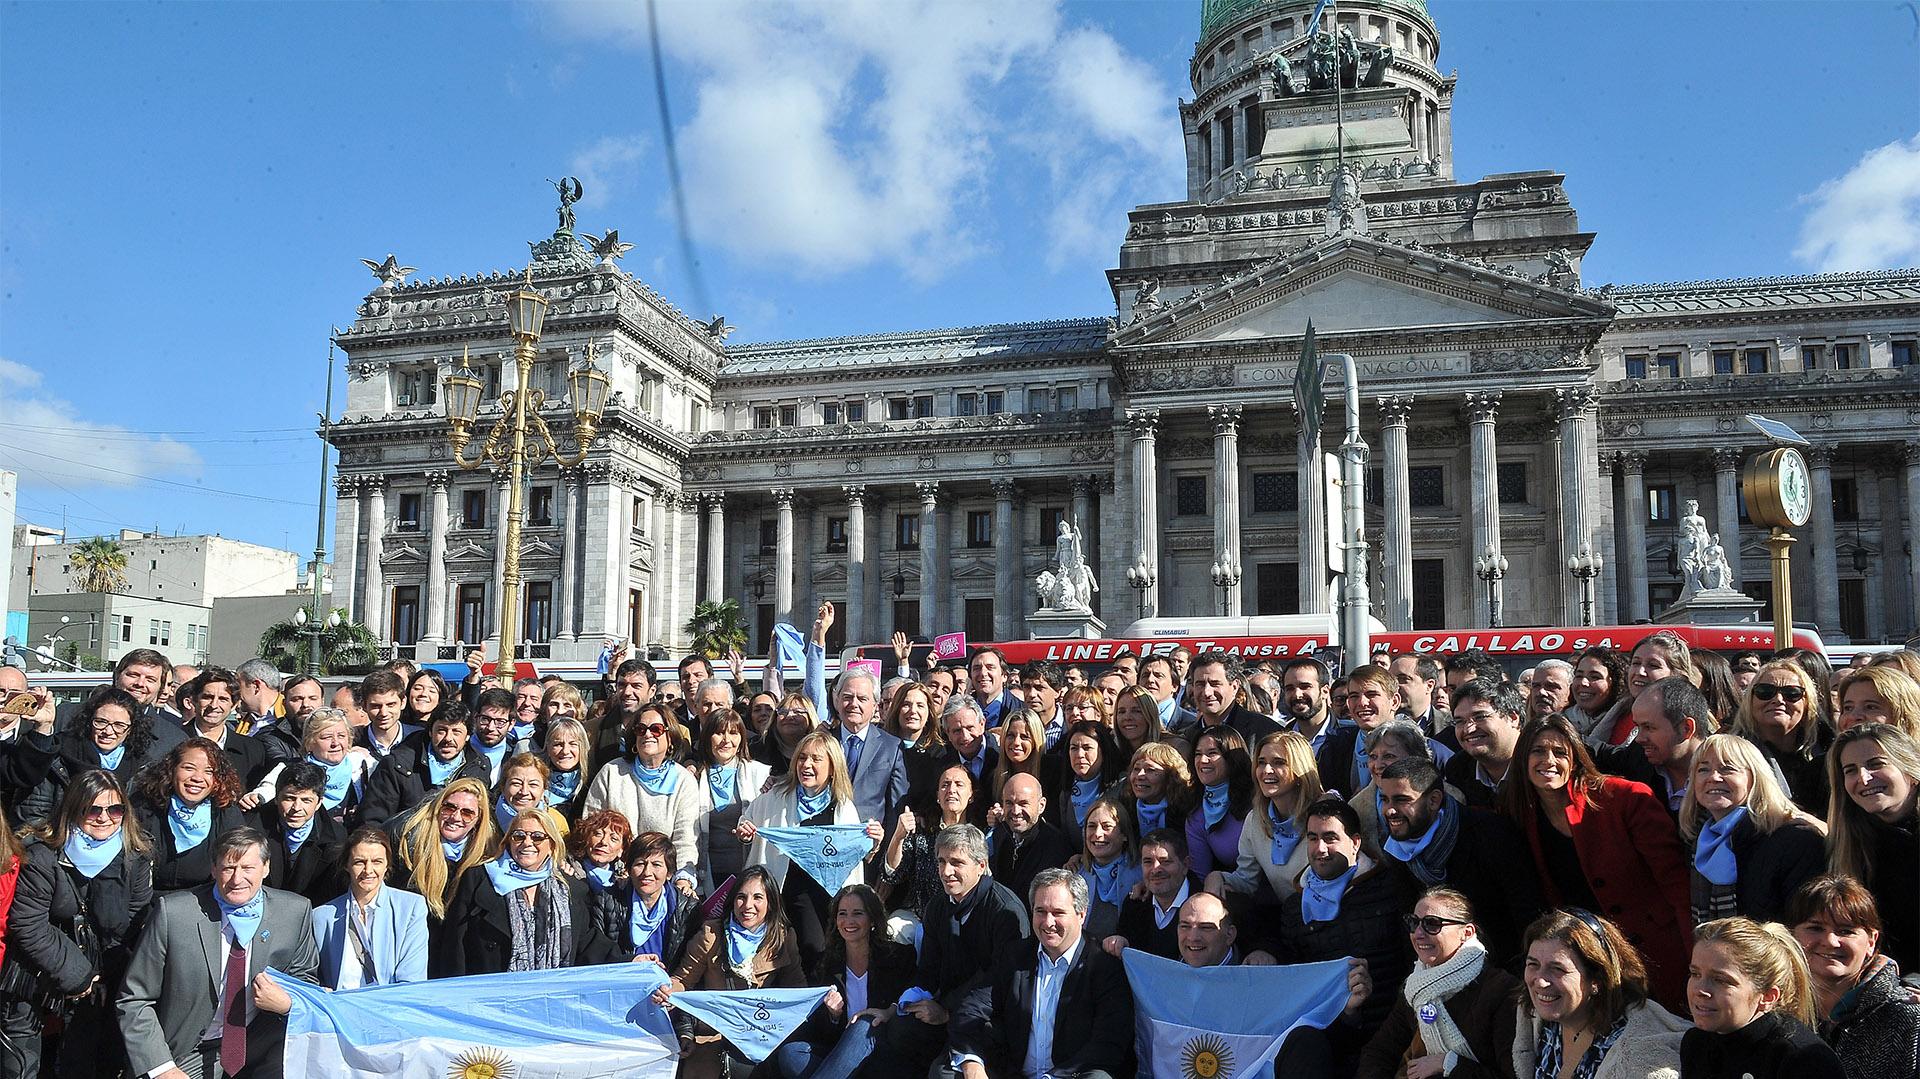 Por el lado de los diputados, dijeron presente Gabriela Burgos, Pablo Torello, Jorge Enríquez, Juan Aicega, Martín Maquieyra, Carmen Polledo y Carlos Roma